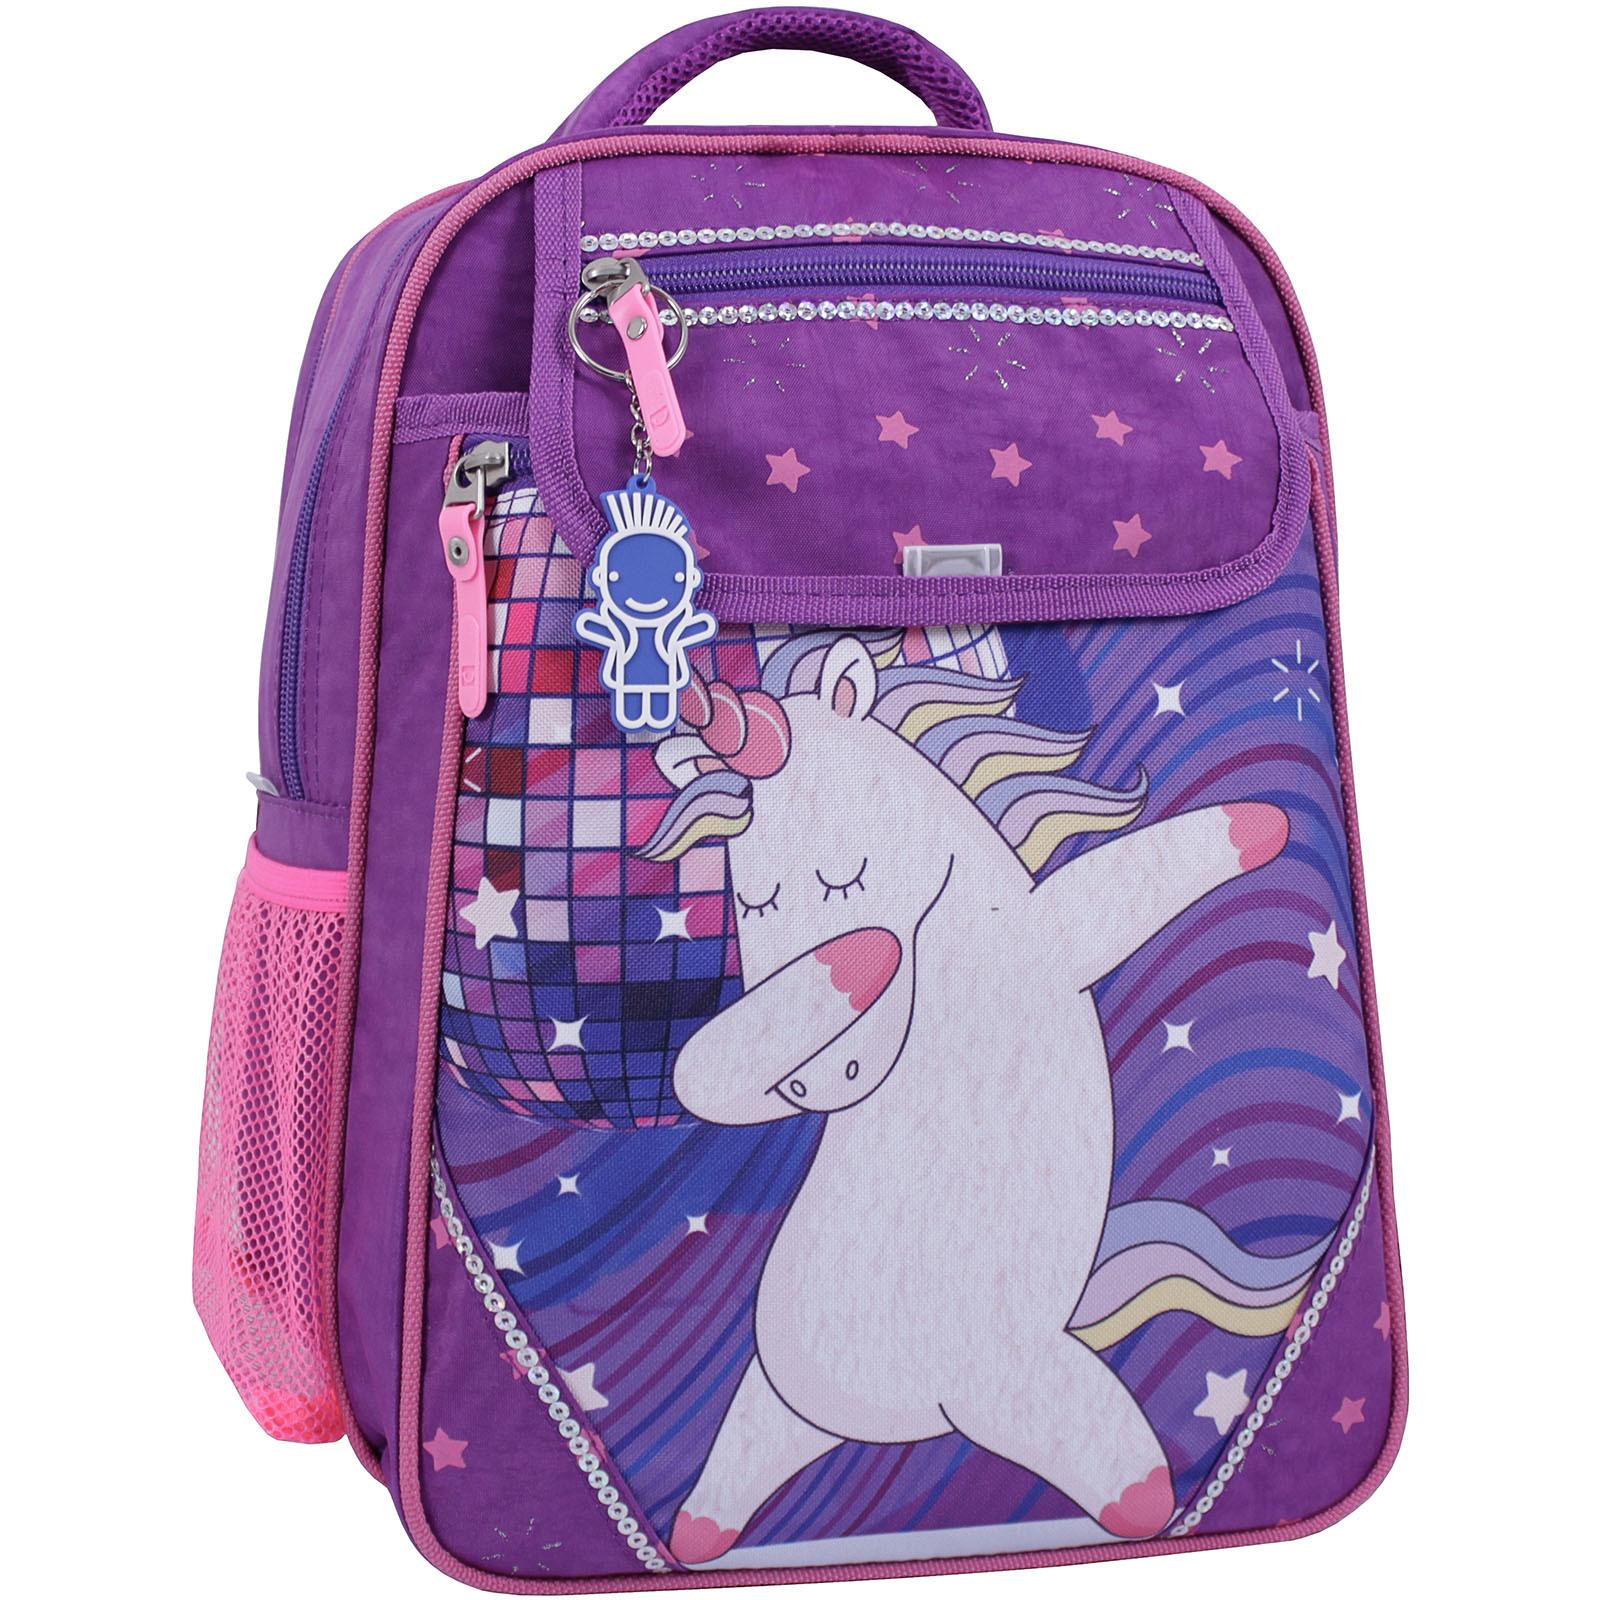 Детские рюкзаки Рюкзак школьный Bagland Отличник 20 л. 339 фиолетовый 503 (0058070) IMG_1111_суб.503_.JPG